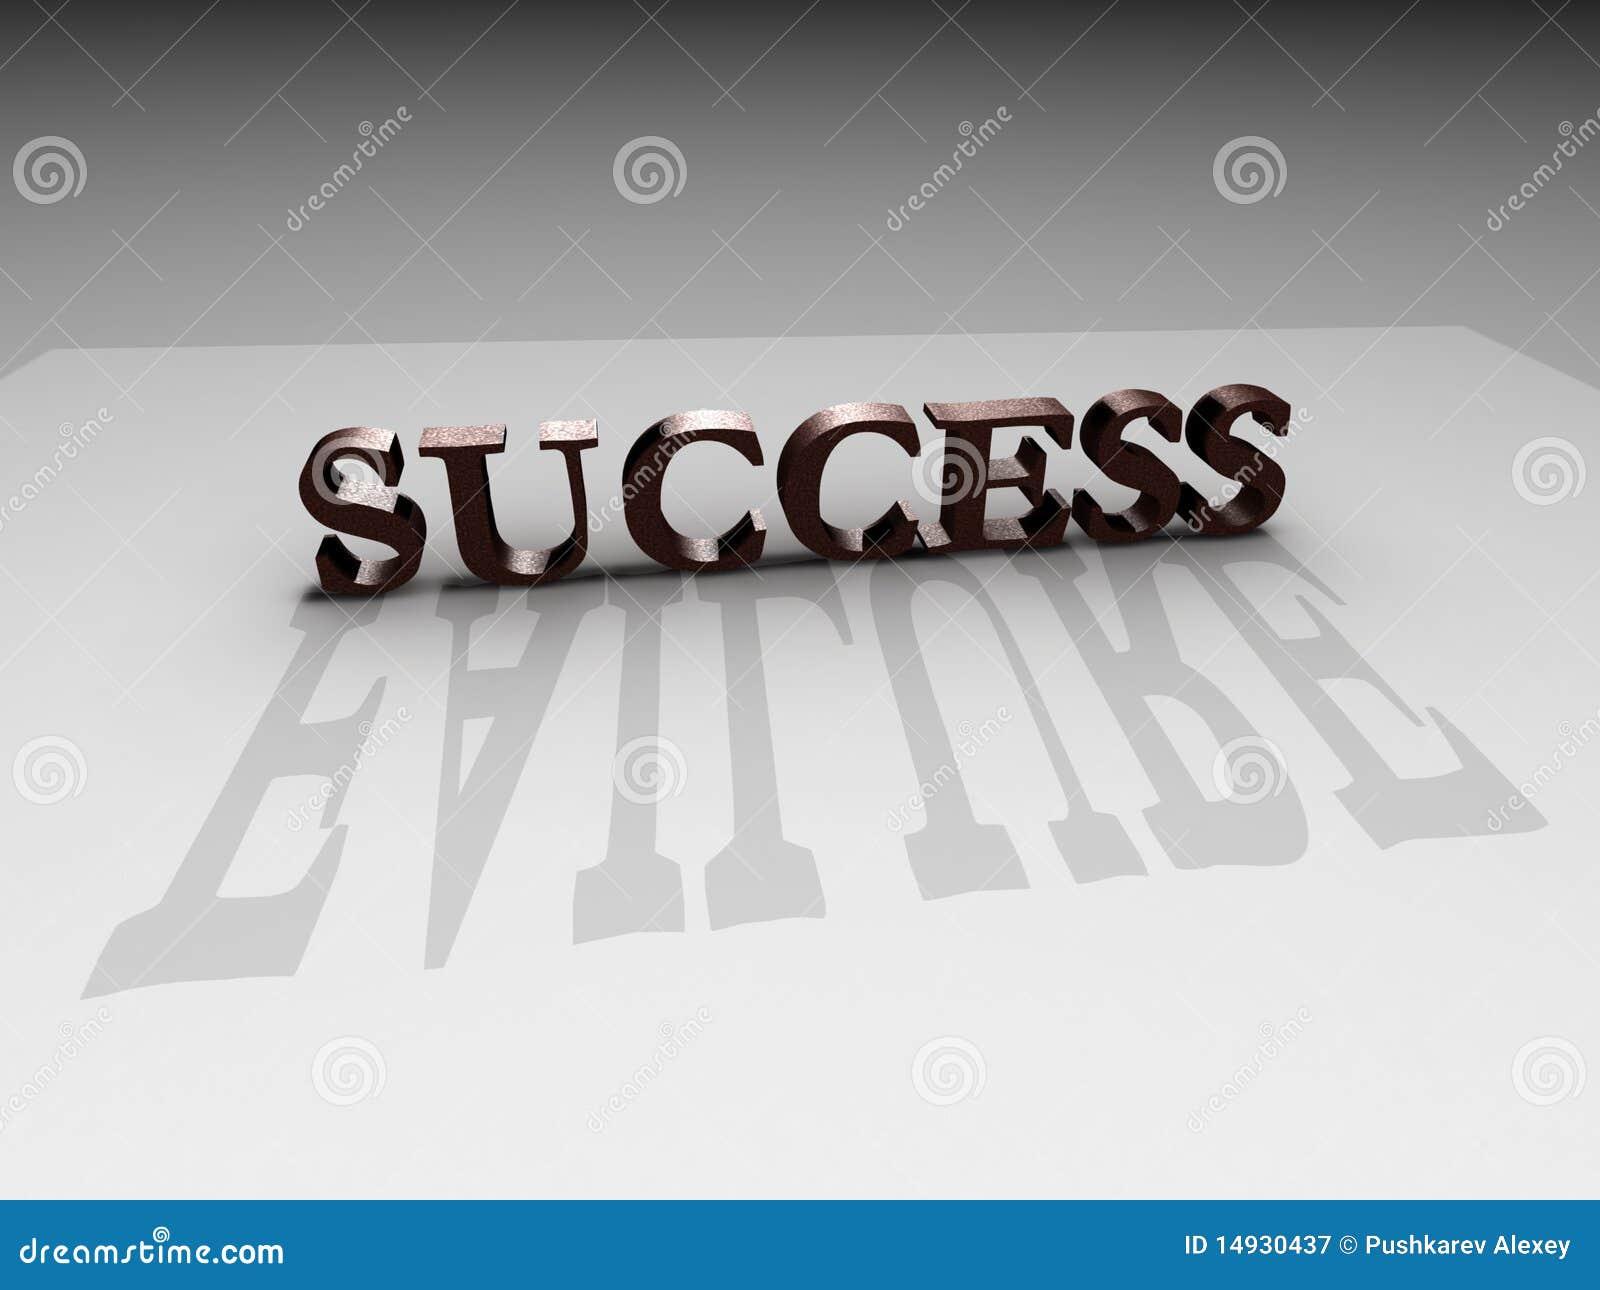 success-failure-14930437.jpg